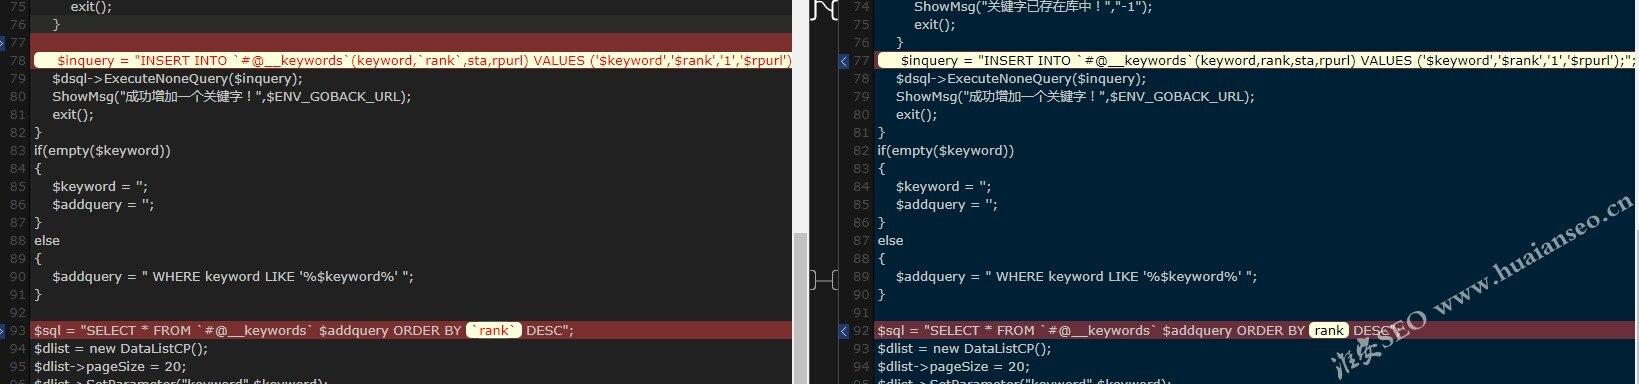 DEDE MYSQL8.0后台文档关键词维护失效 关键词不替换